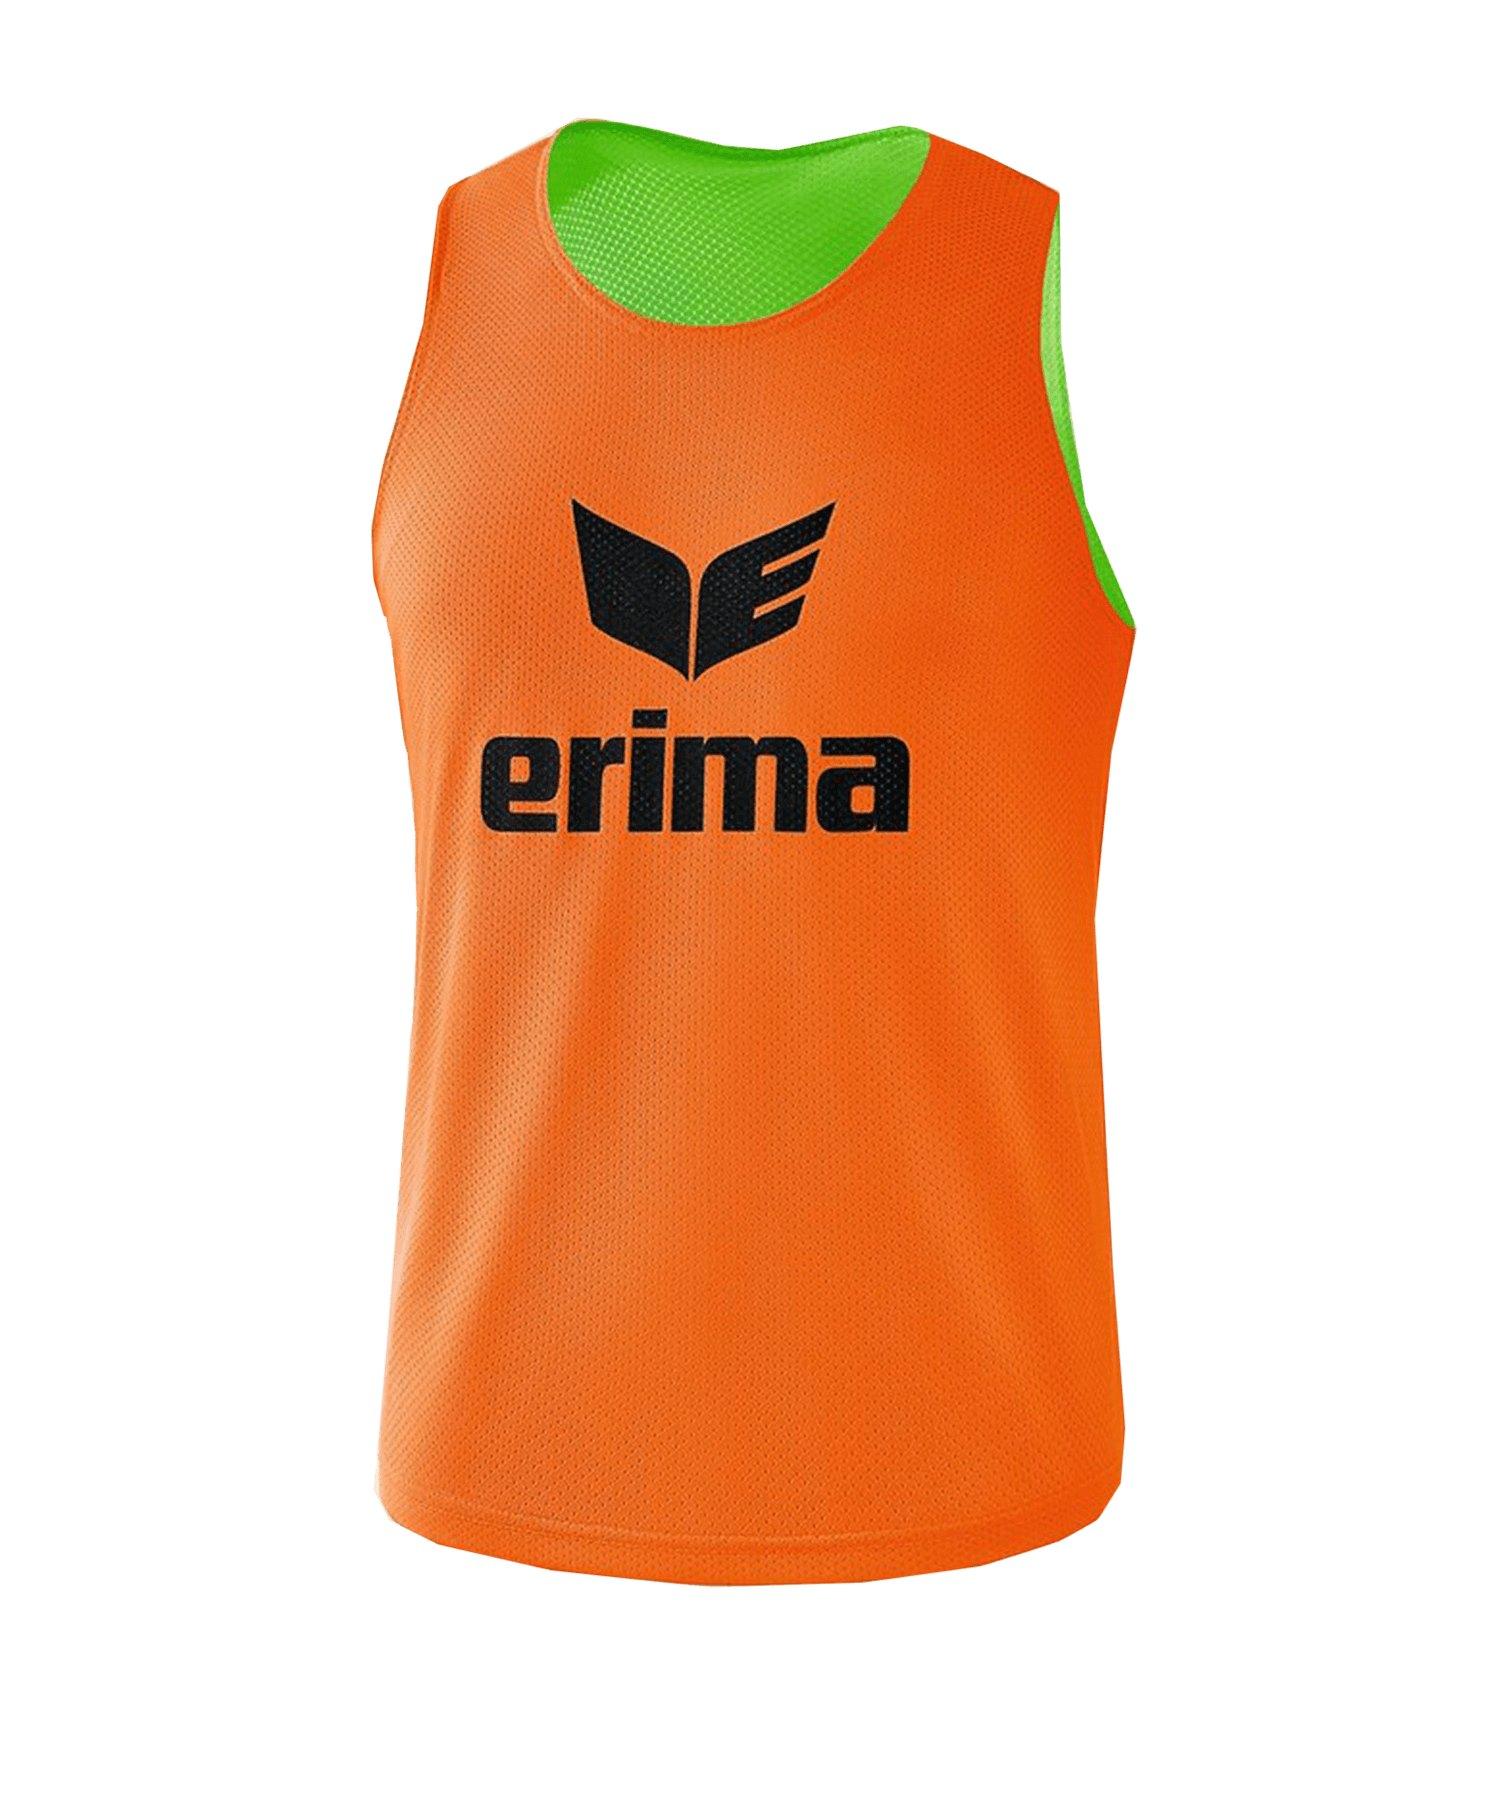 Erima Wende-Markierungshemd Orange Grün - orange